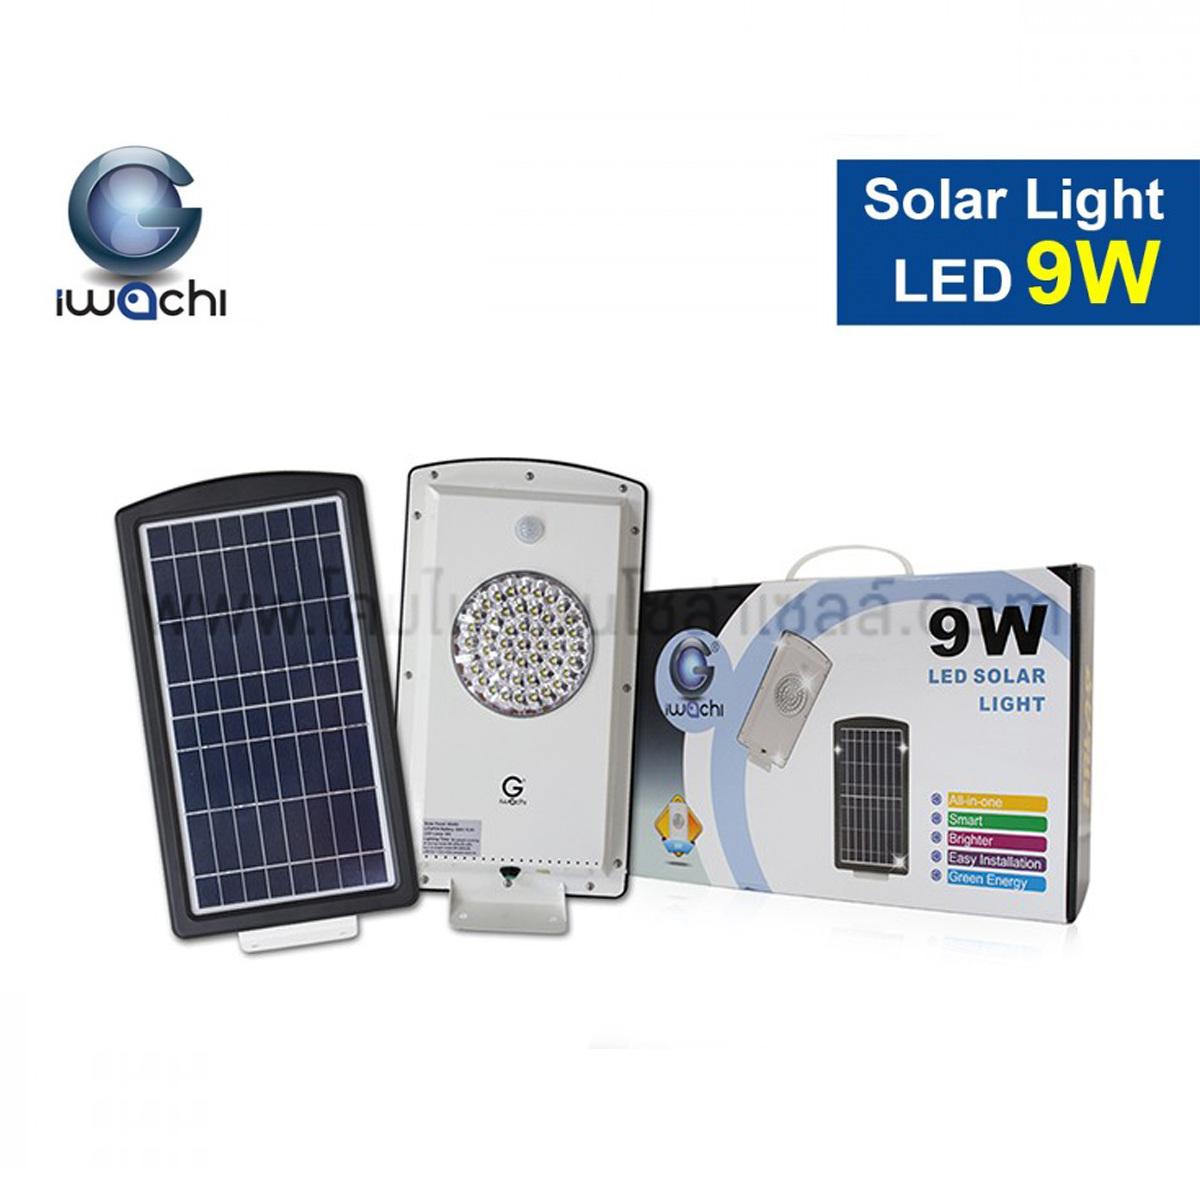 โคมไฟถนนโซล่าเซลล์ 9W (เดย์ไลท์) IWACHI